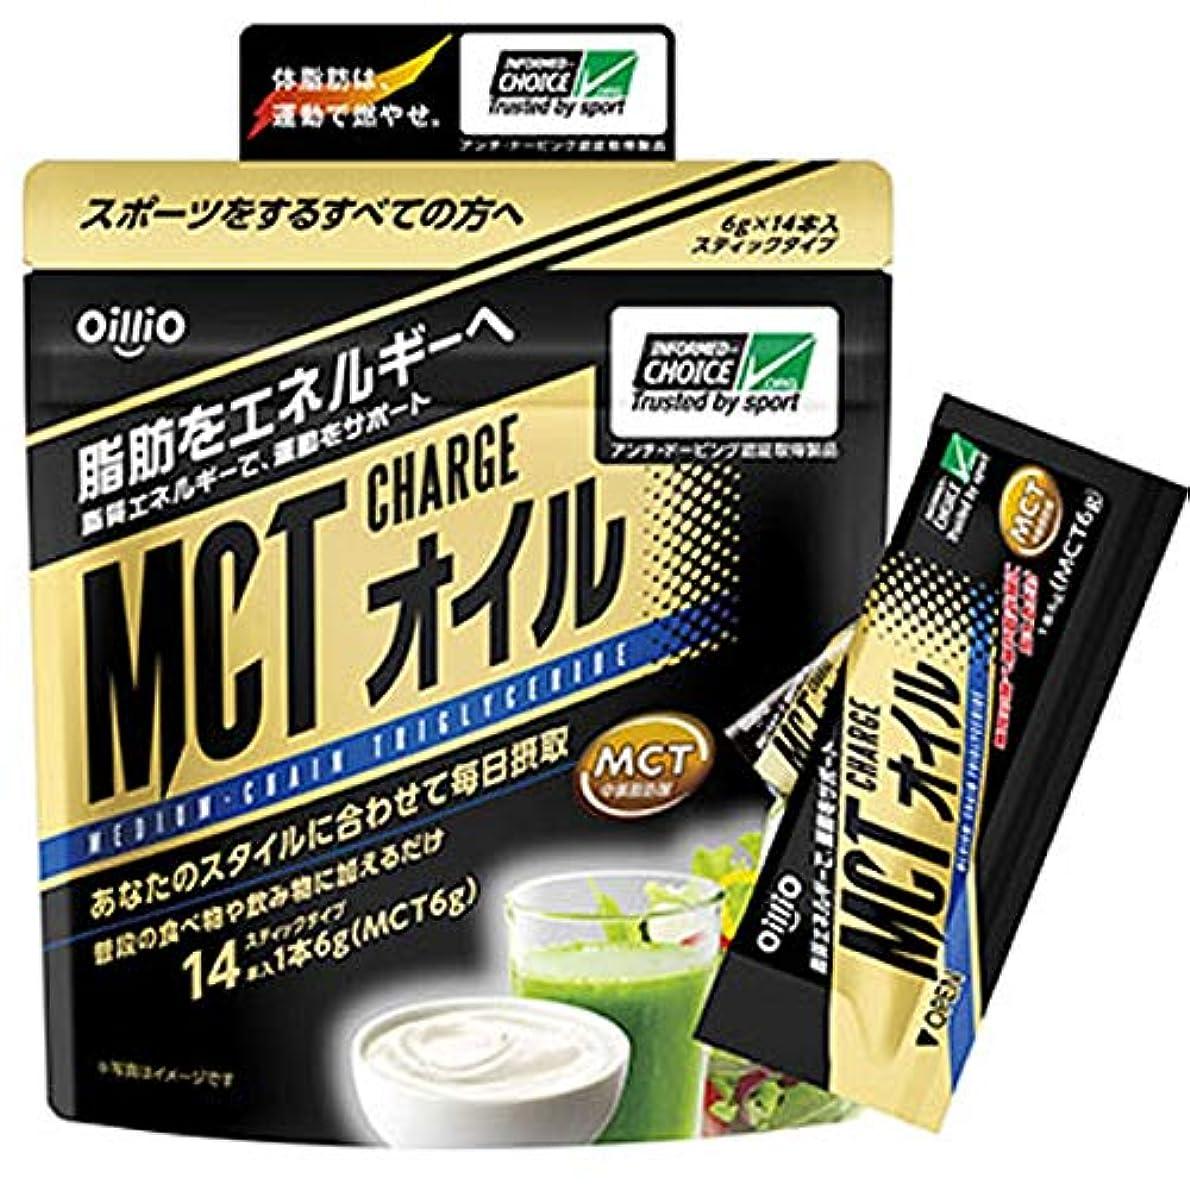 アコーステレオ論争MCT CHARGE オイル (6g×14本)×5個セット